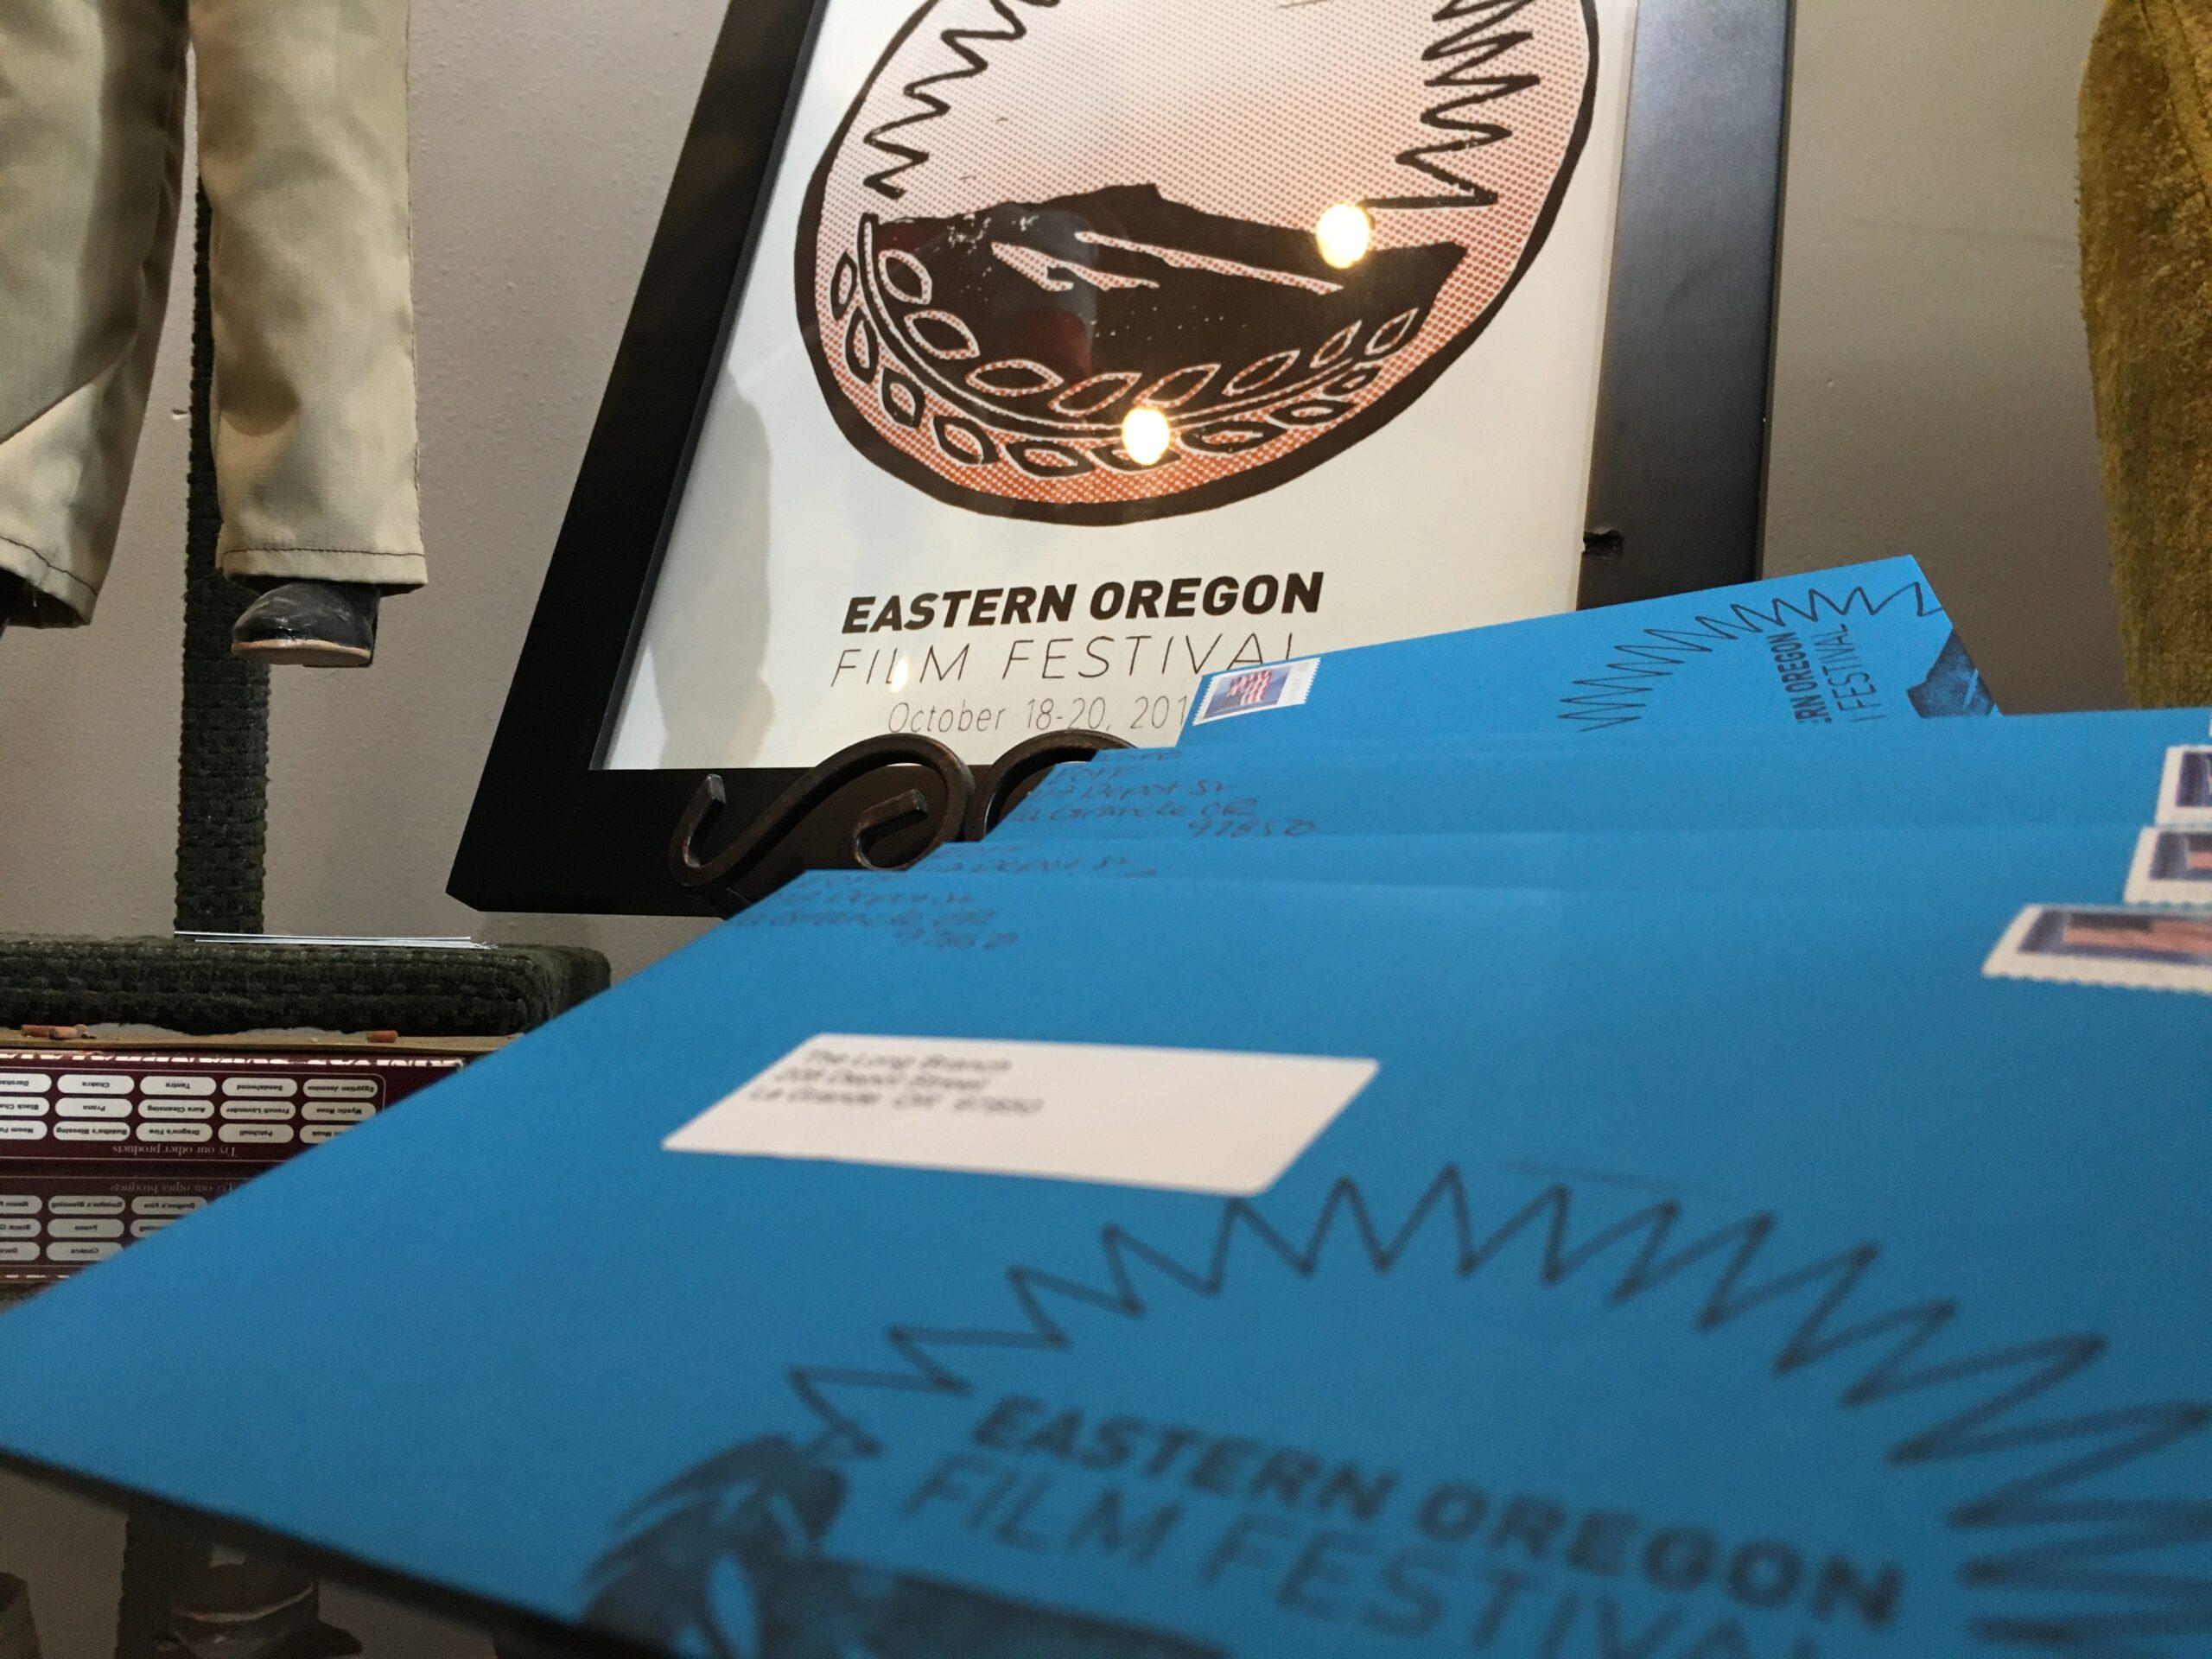 Sponsor The Eastern Oregon Film Festival